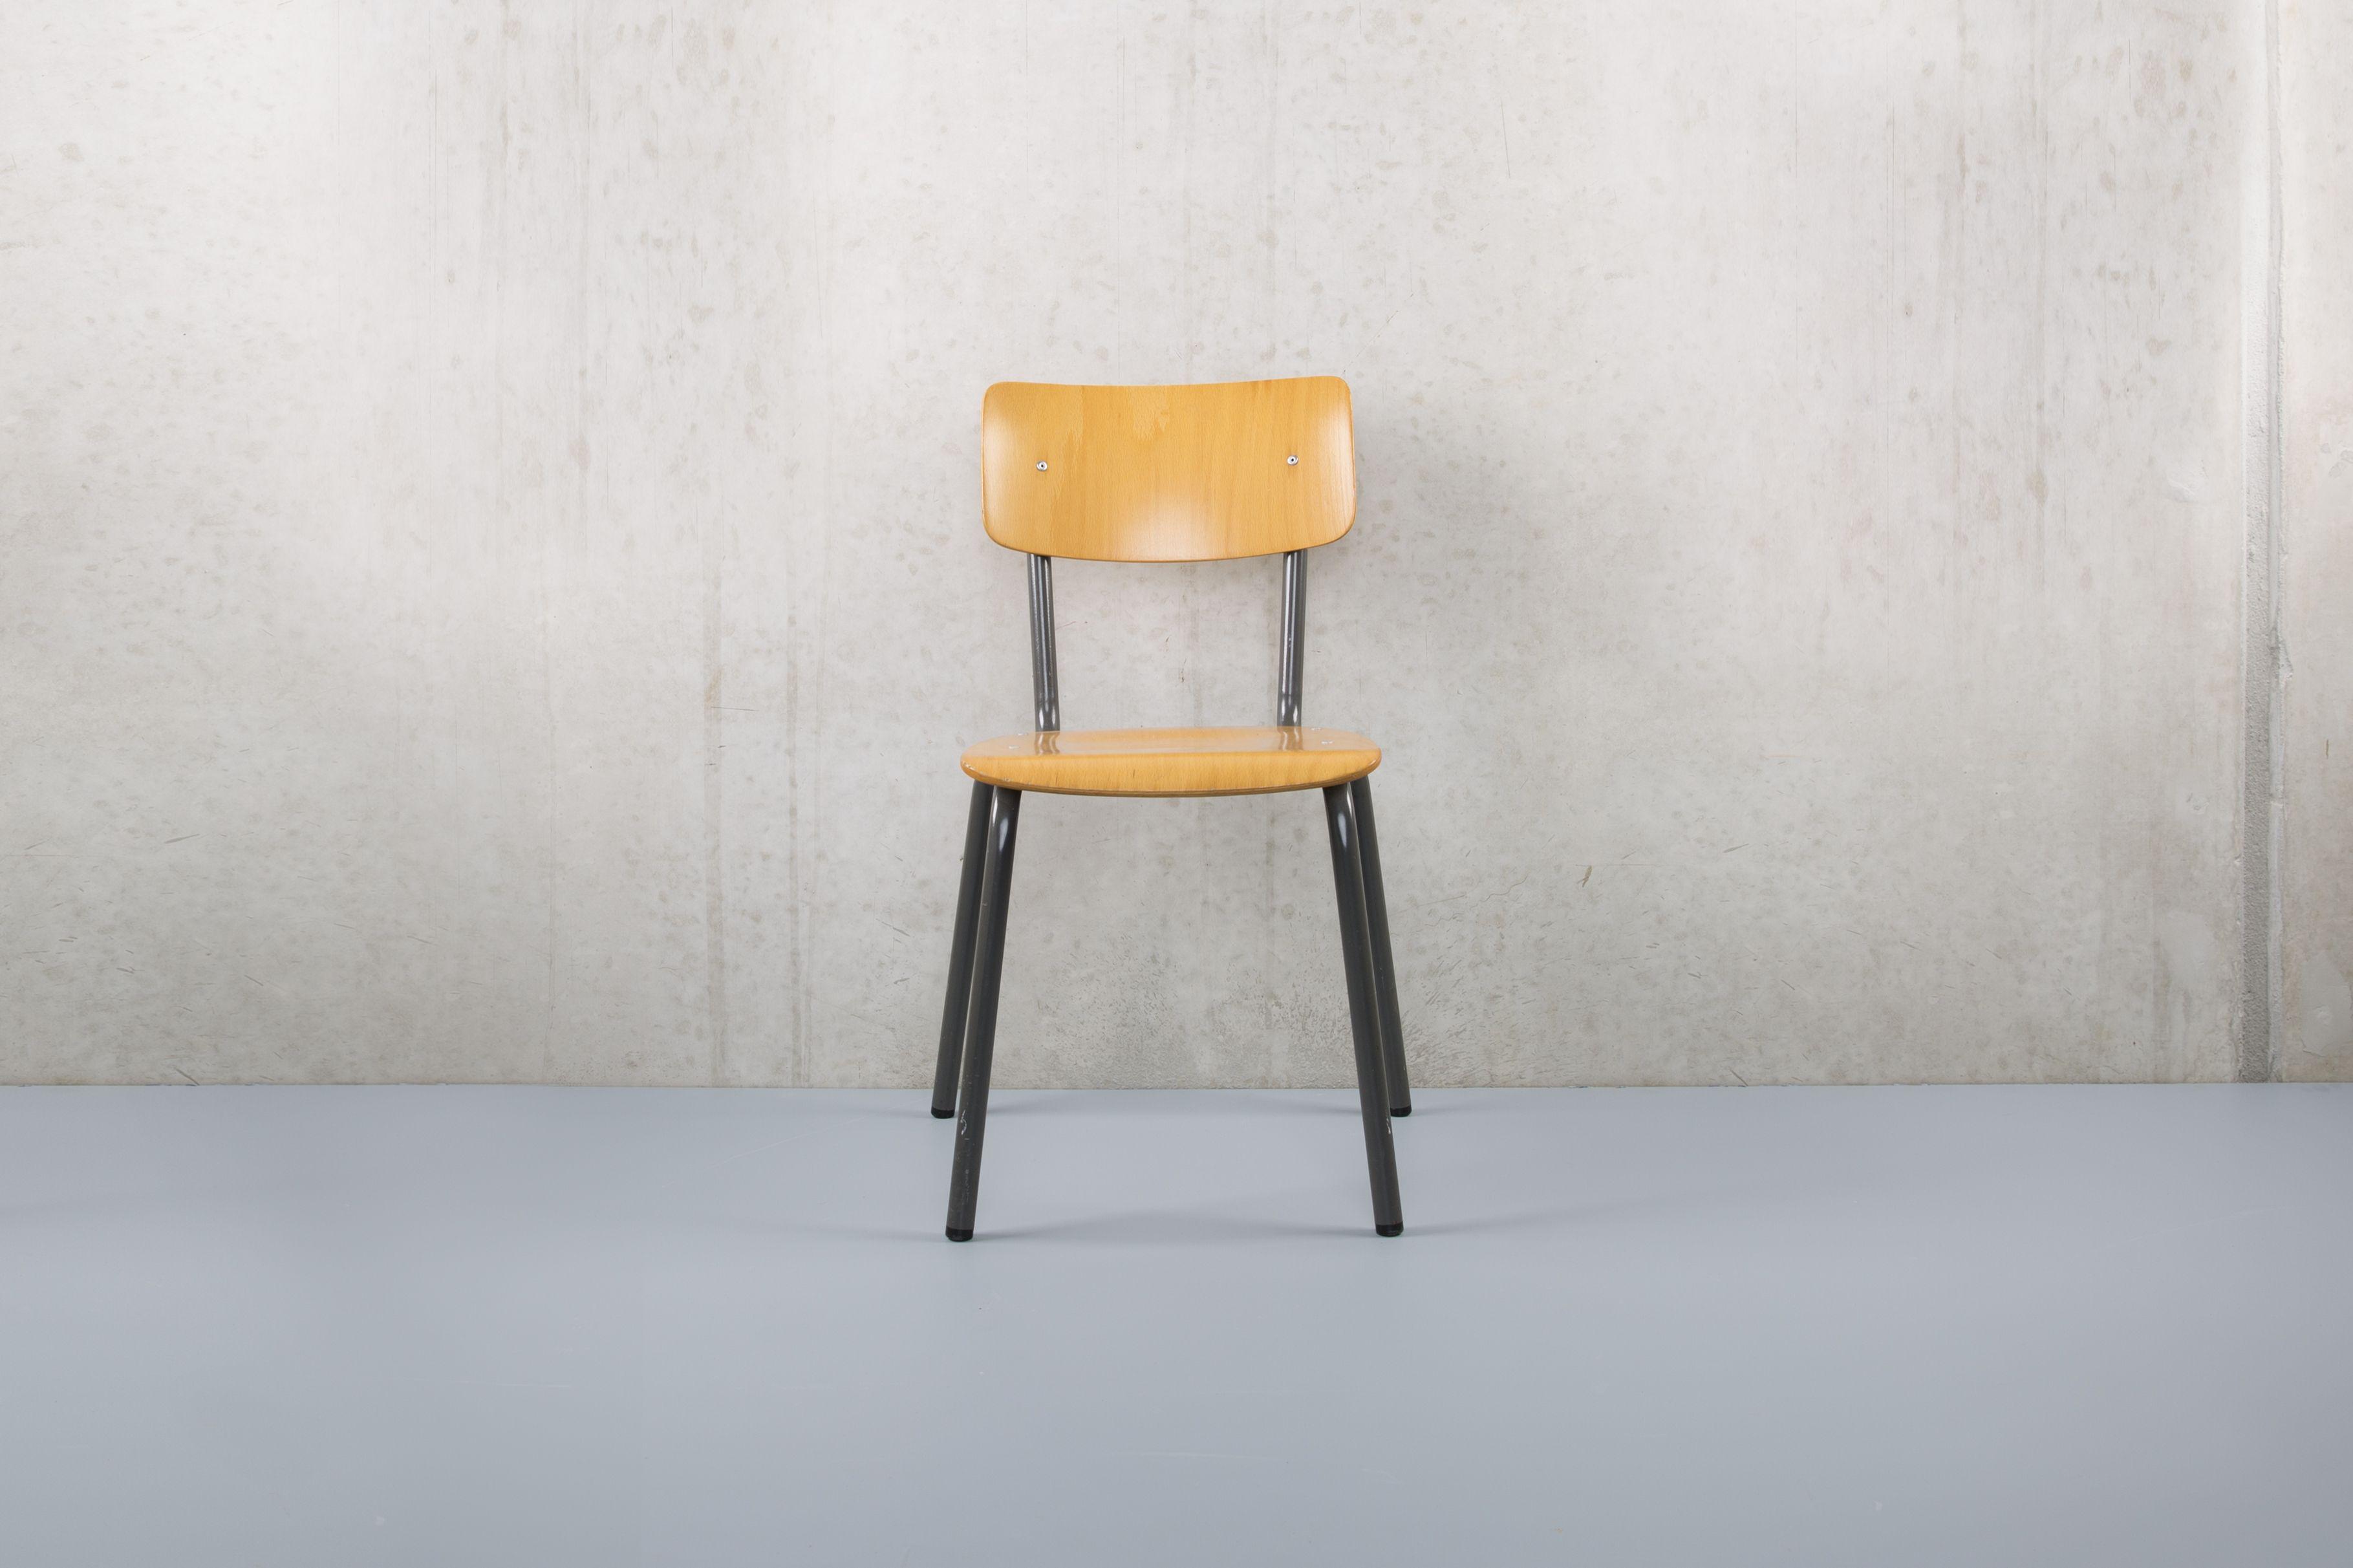 Kleiner Schulstuhl Stuhle Esszimmerstuhl Kinderstuhle